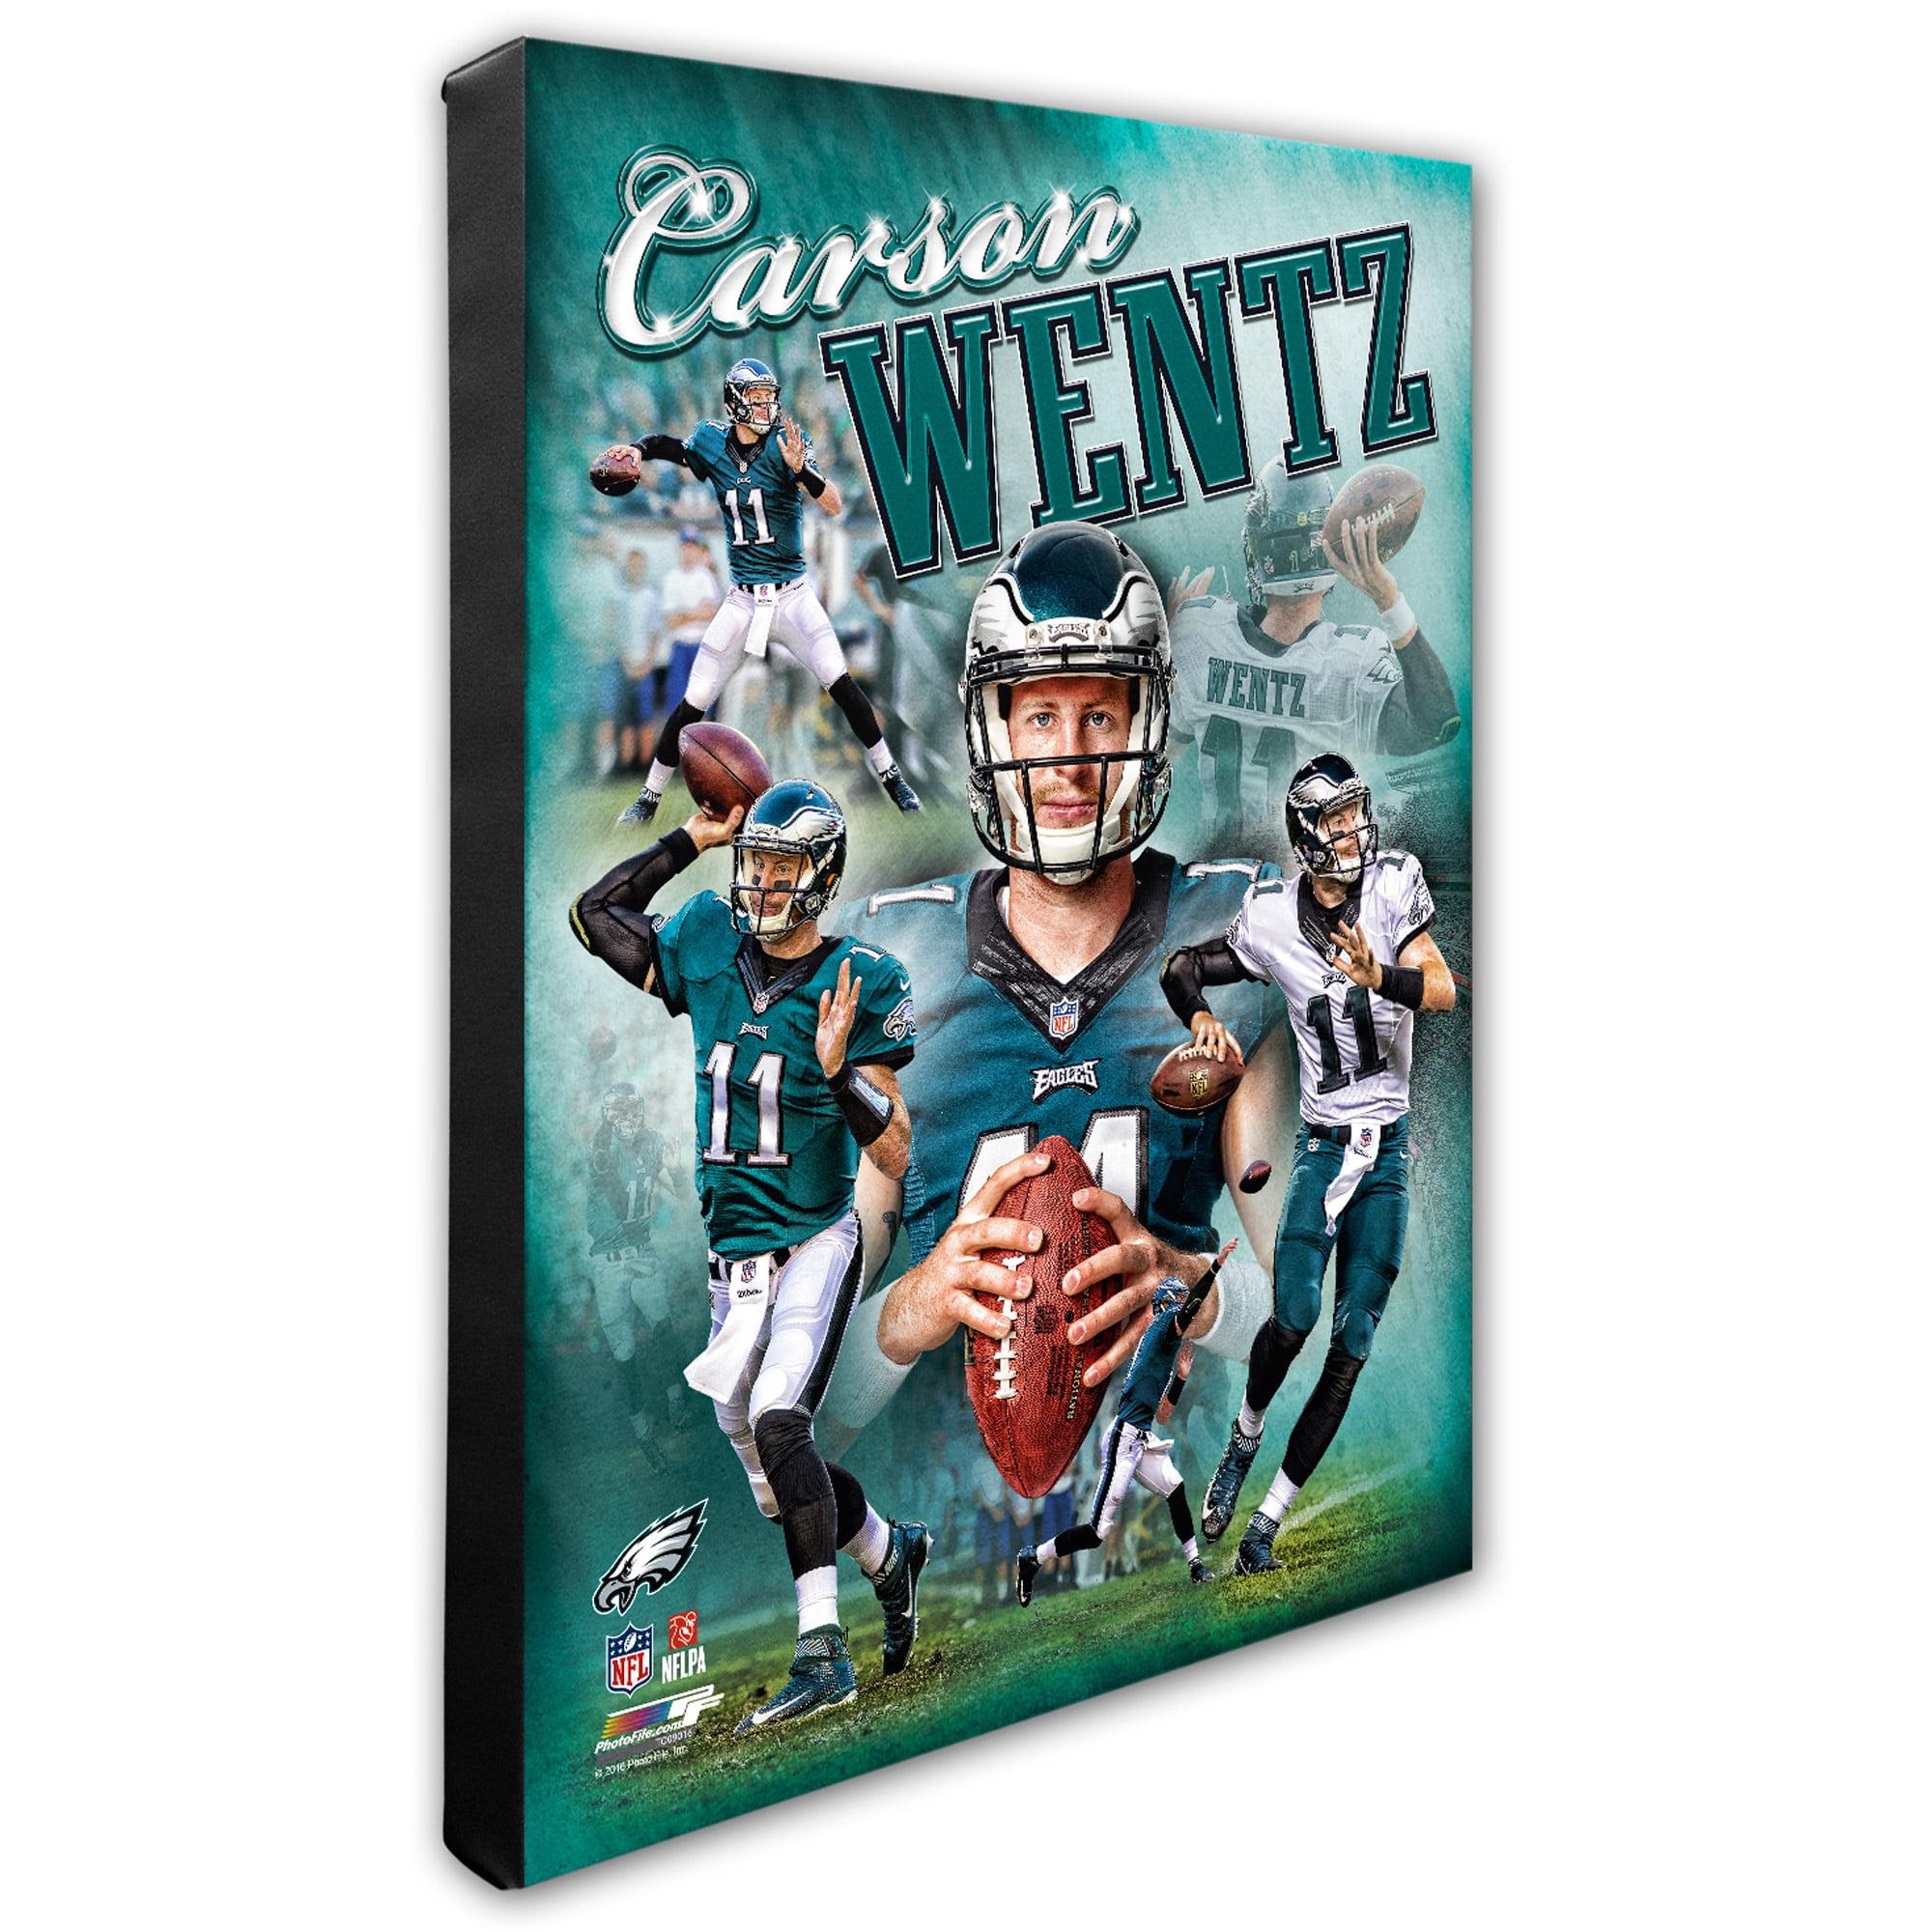 """Carson Wentz Philadelphia Eagles 16"""" x 20"""" Player Portrait Canvas - No Size"""